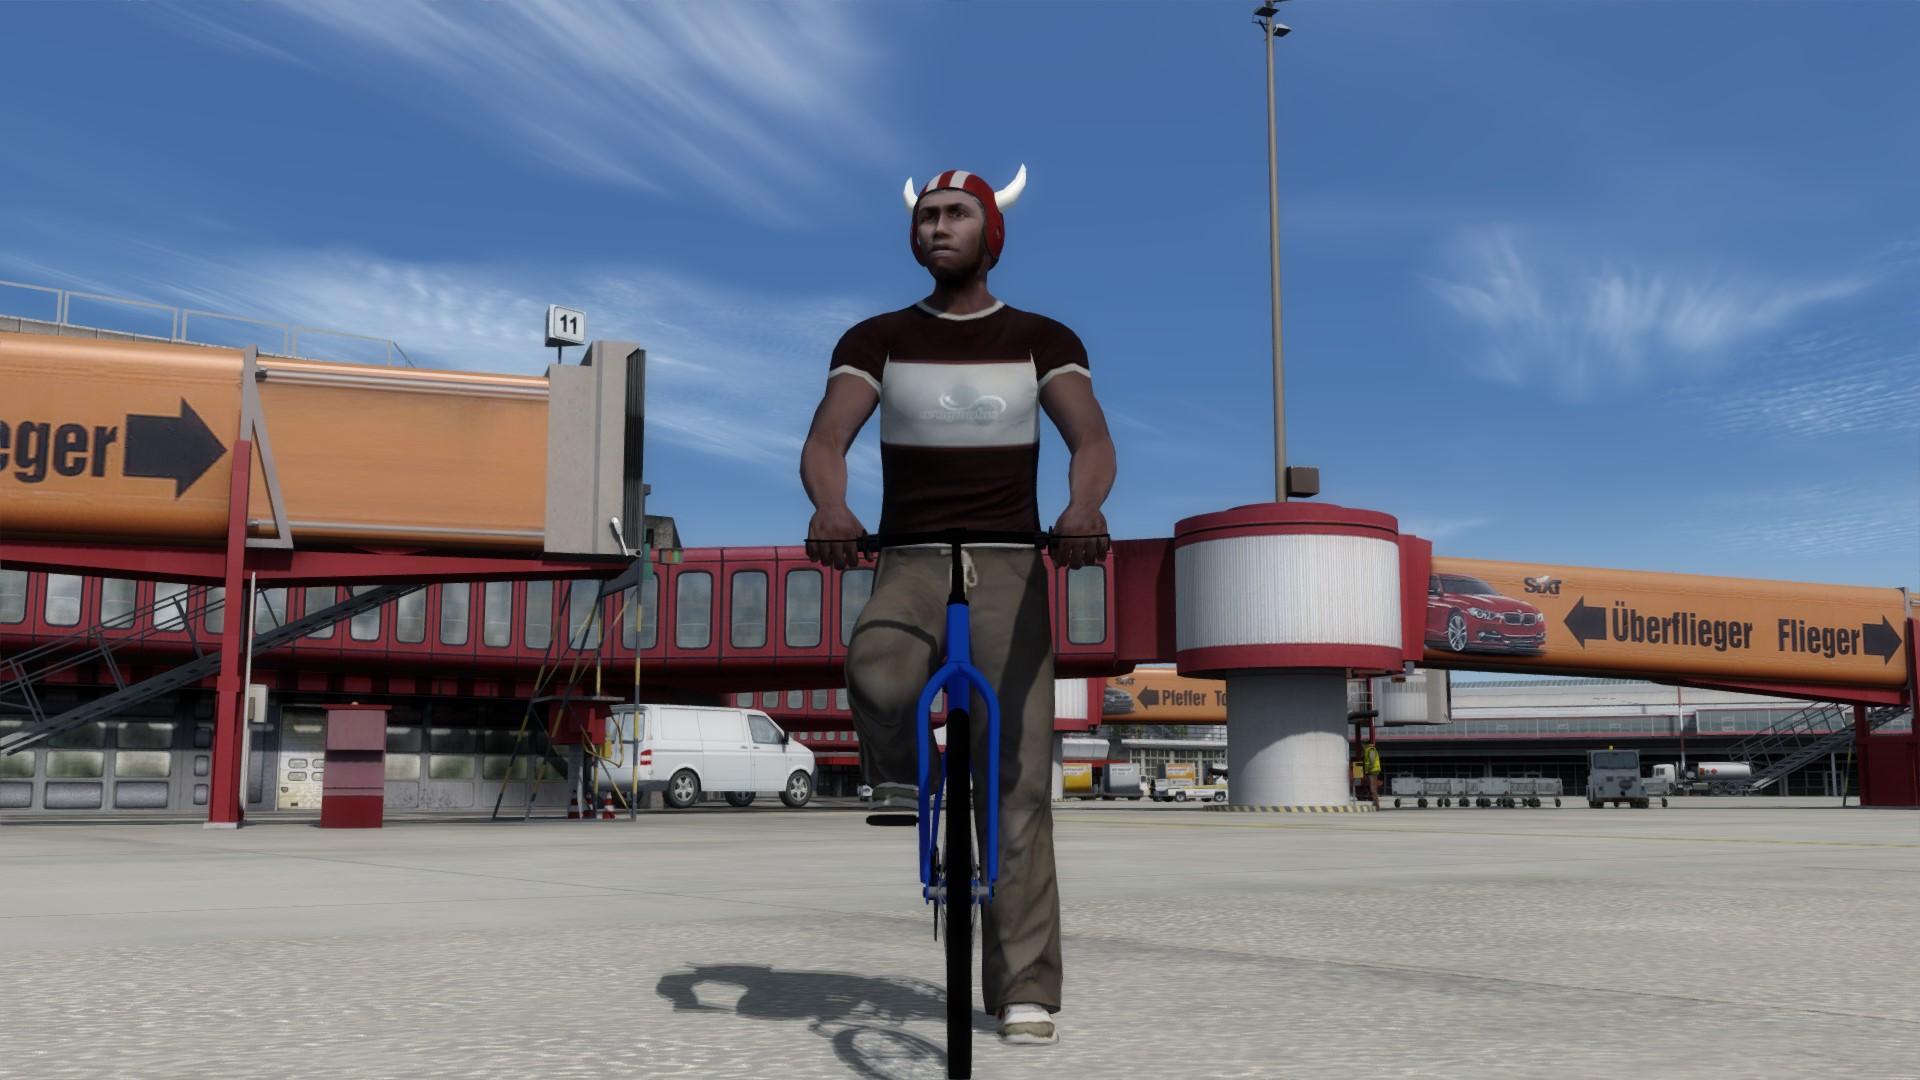 p3dv4_bahrometrix_avatar_bicycle_tegel.jpg